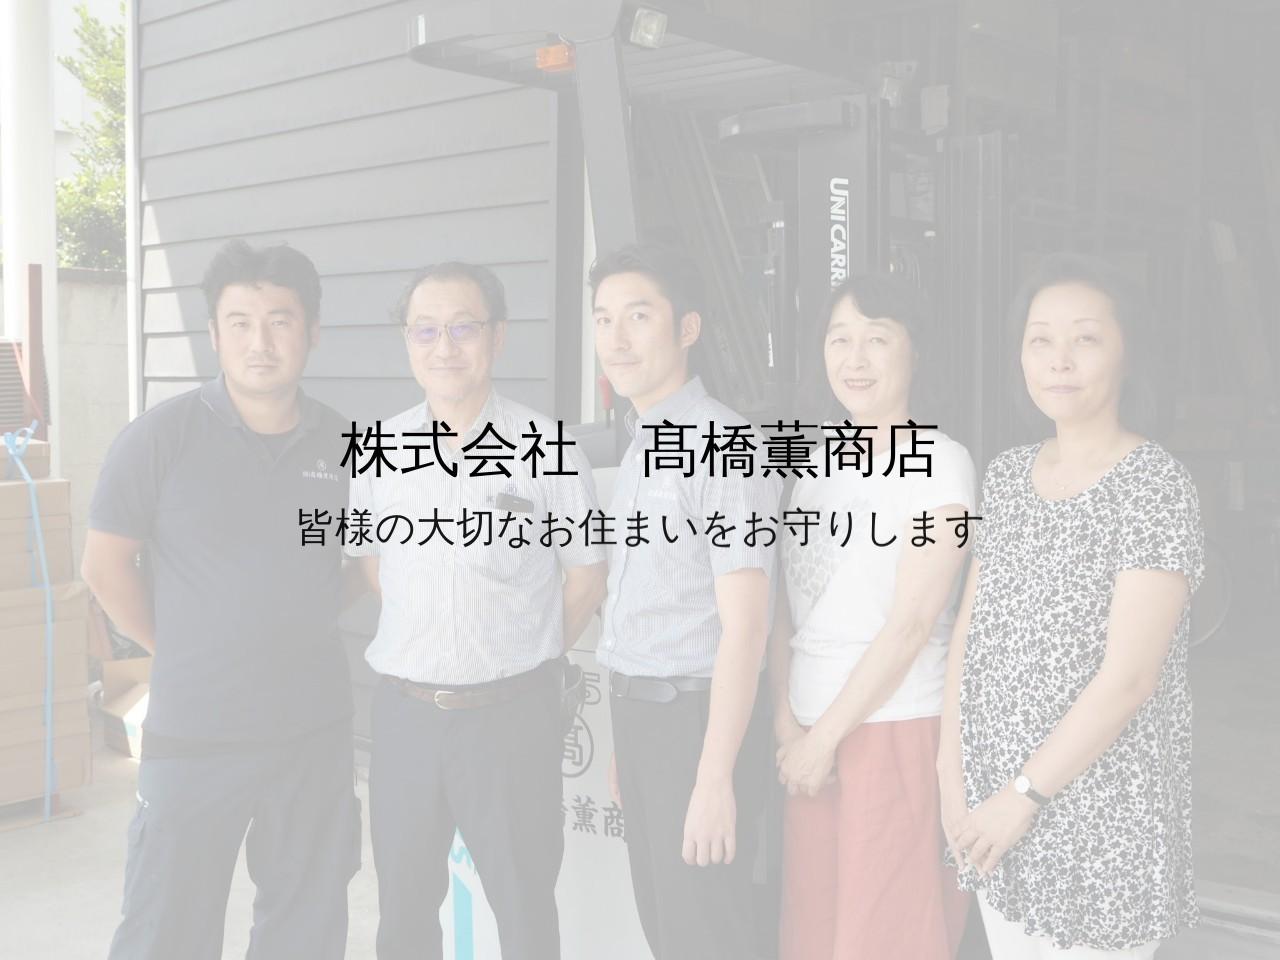 株式会社高橋薫商店